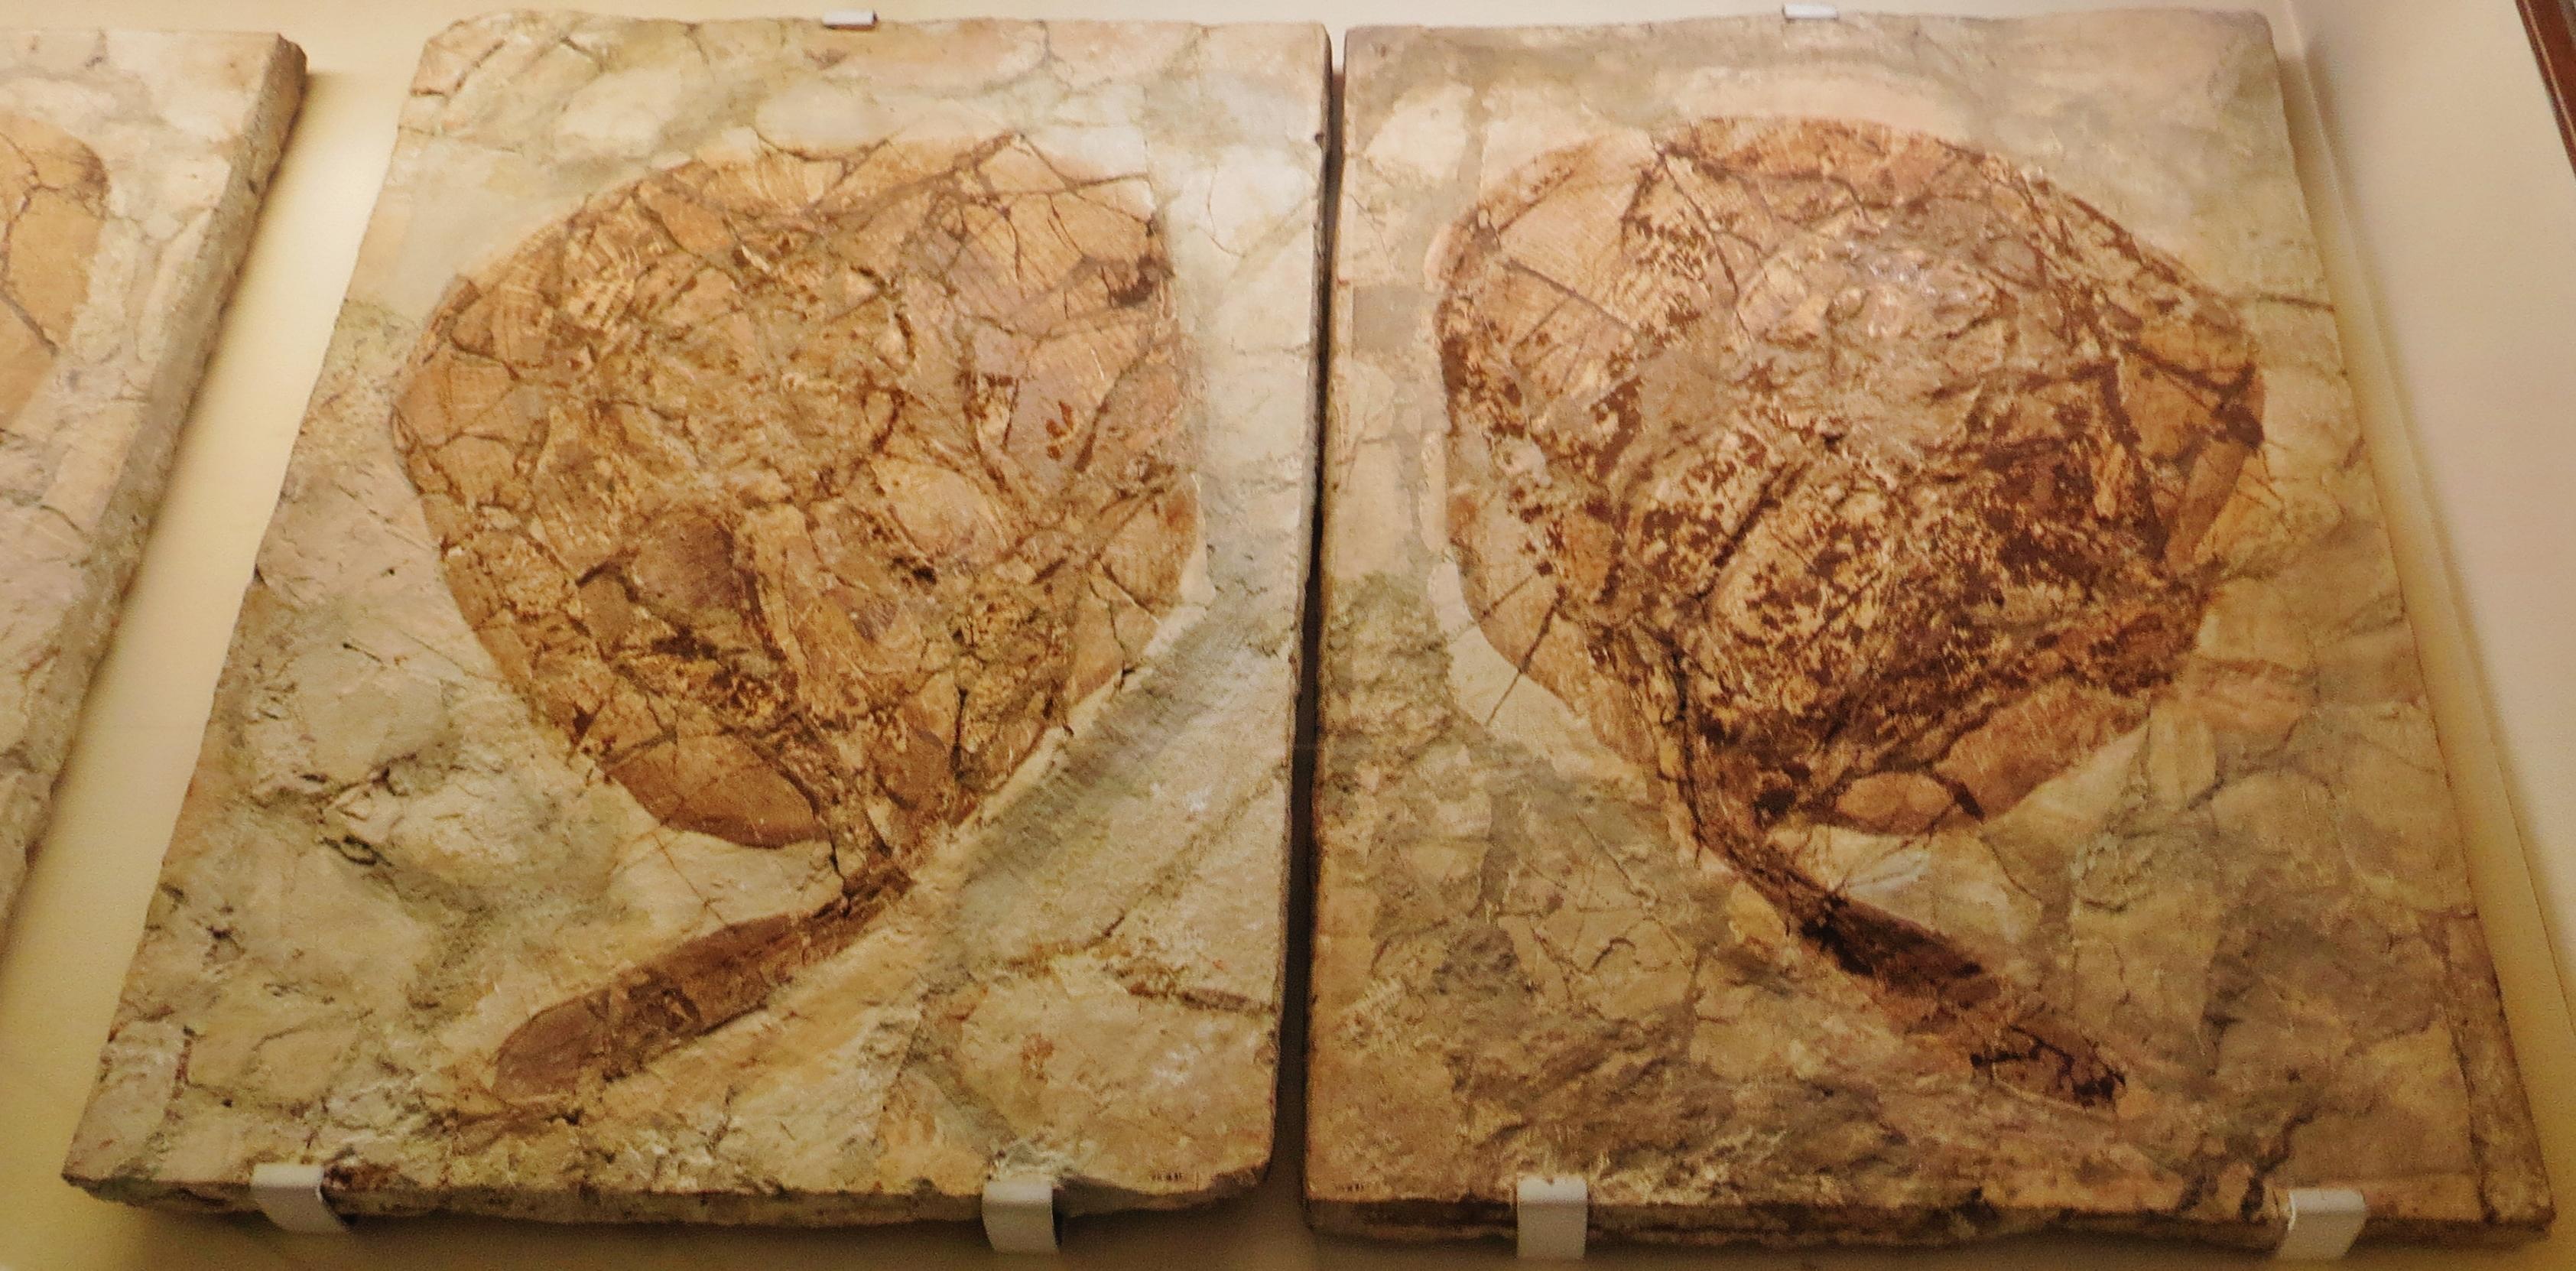 Image of Urolophus